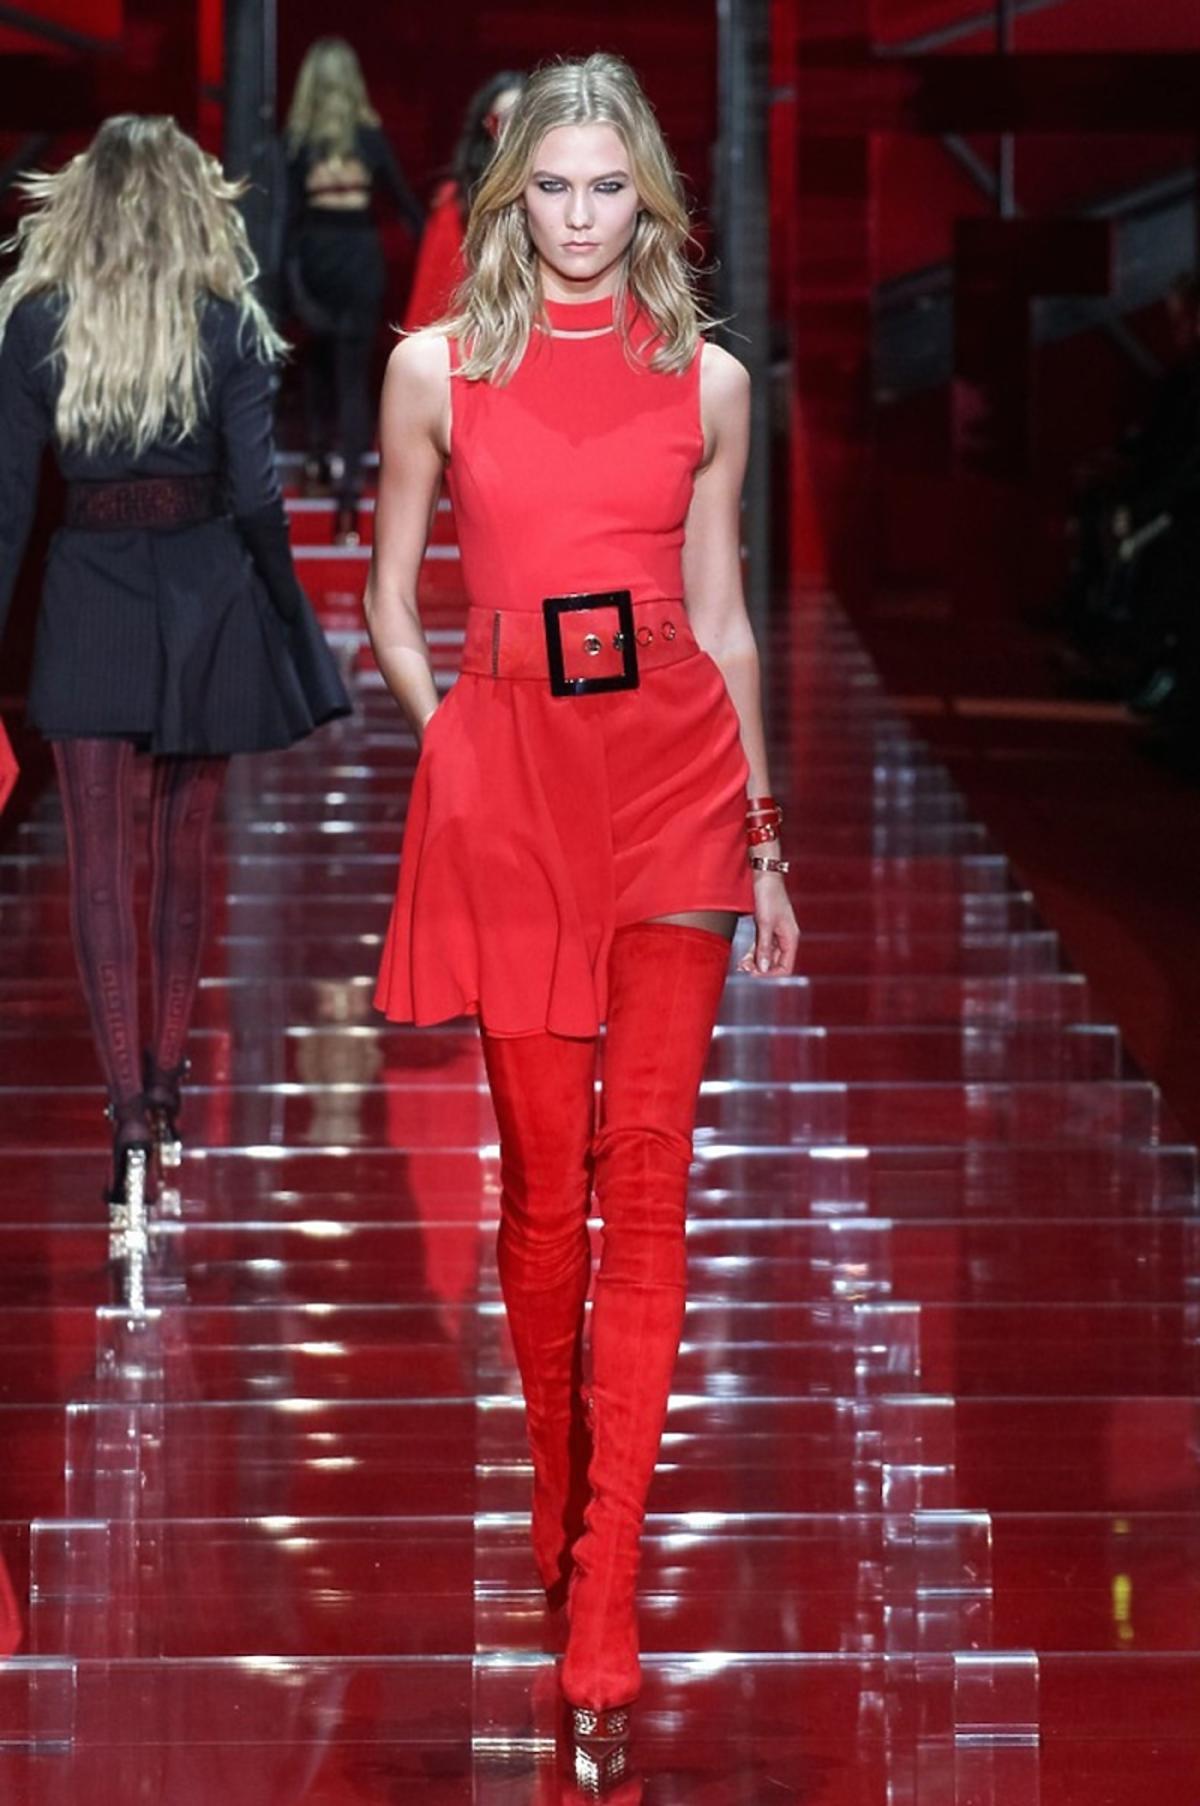 Modelka w czerwonej sukience i wysokich czerwonych kozakach na wybiegu